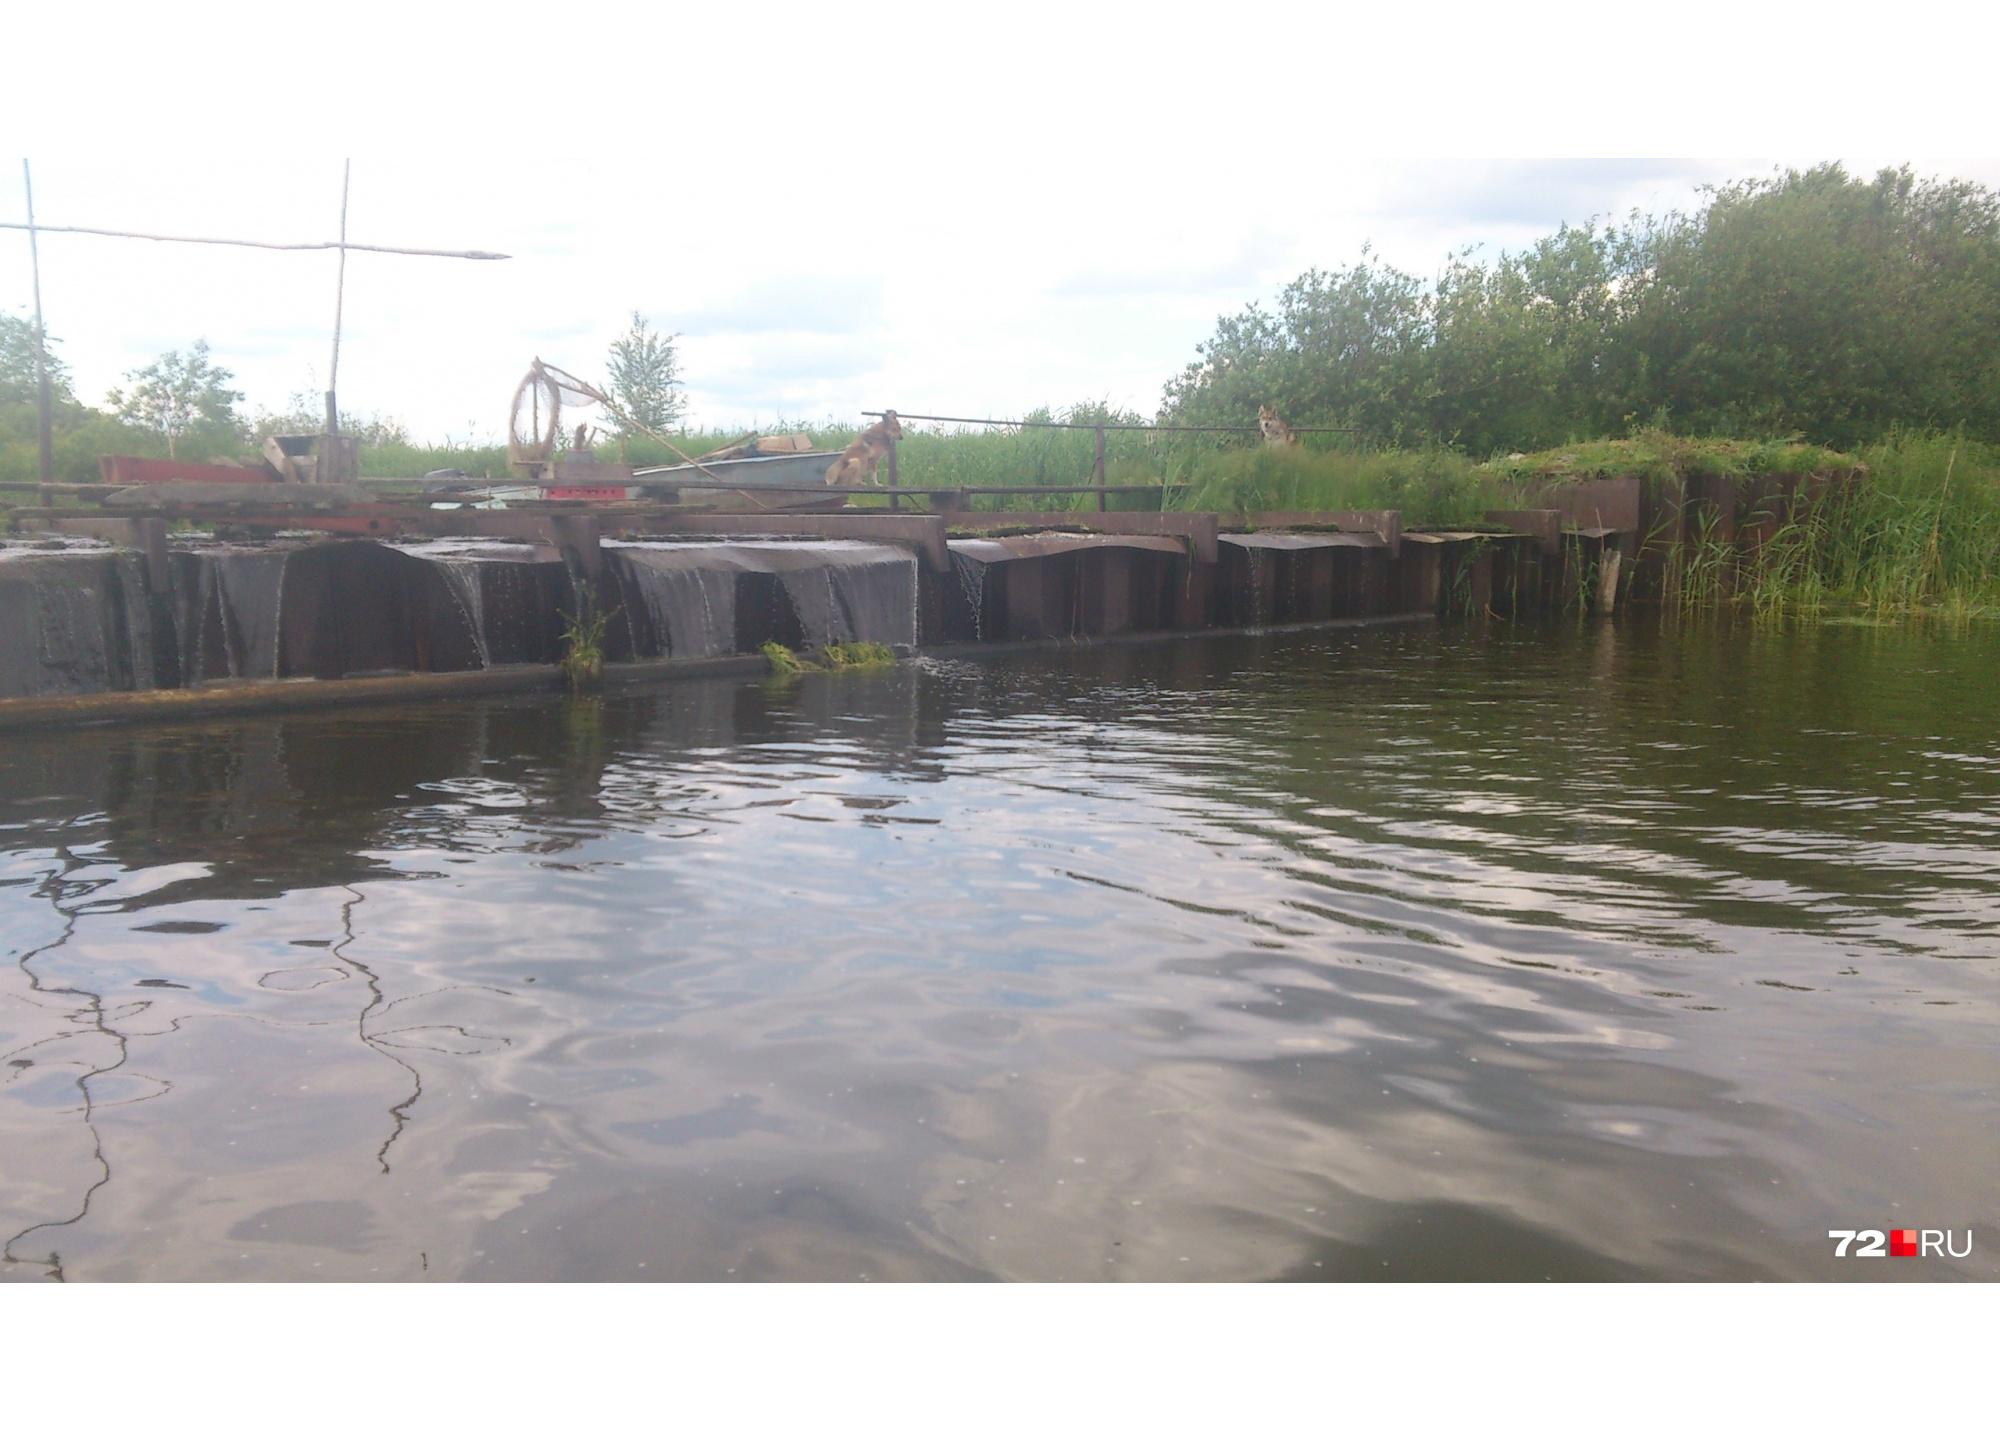 Озеро в деревне является водохранилищем, там стоит дамба